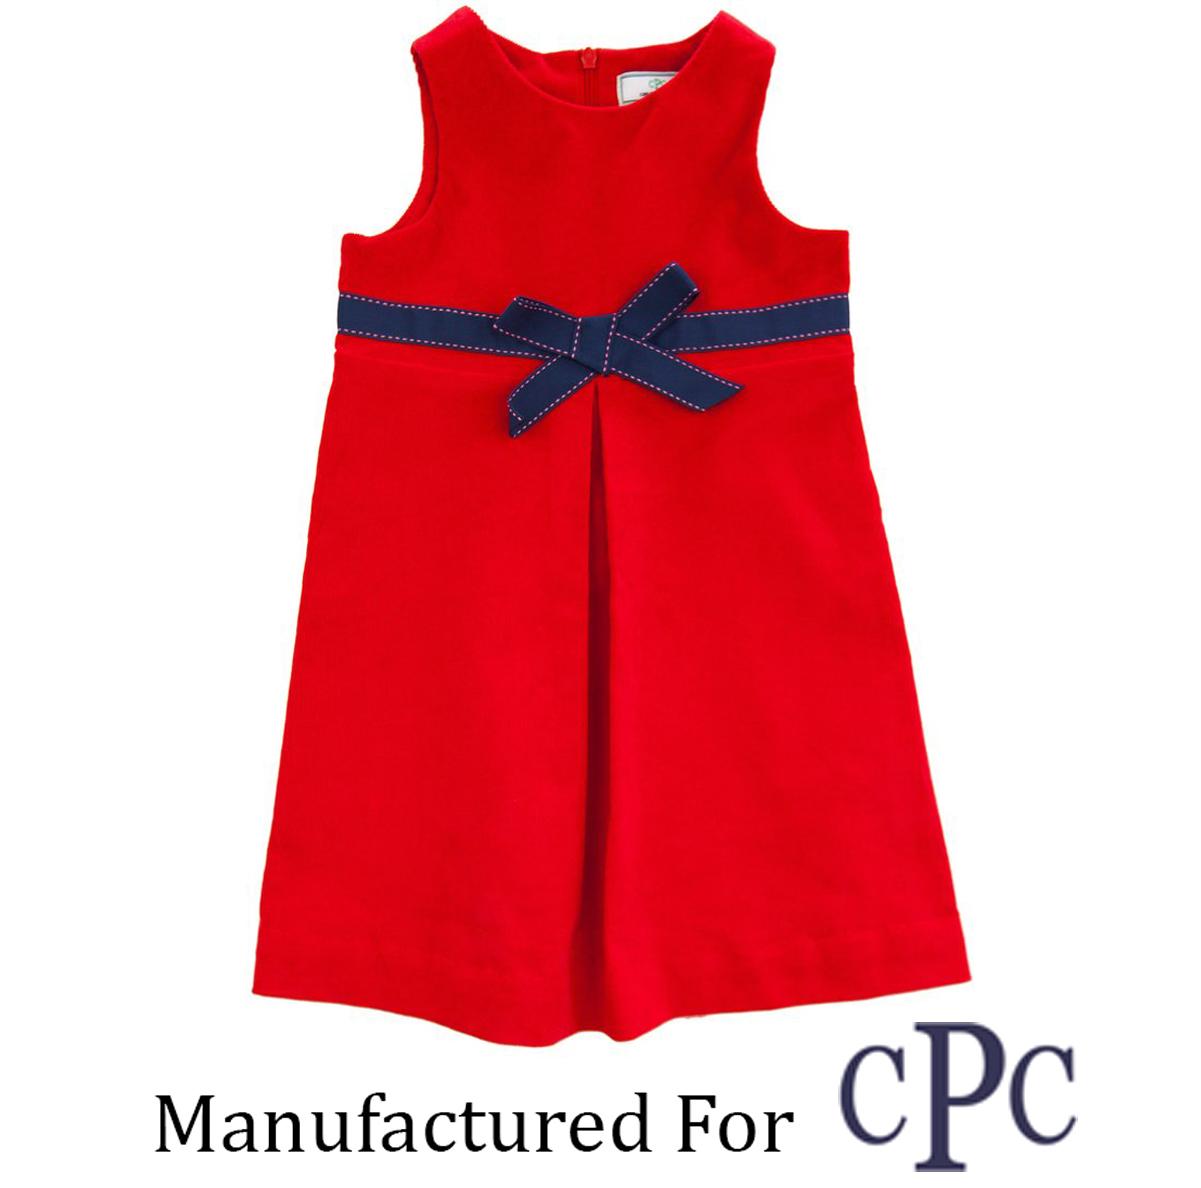 CPC dress 1.jpg